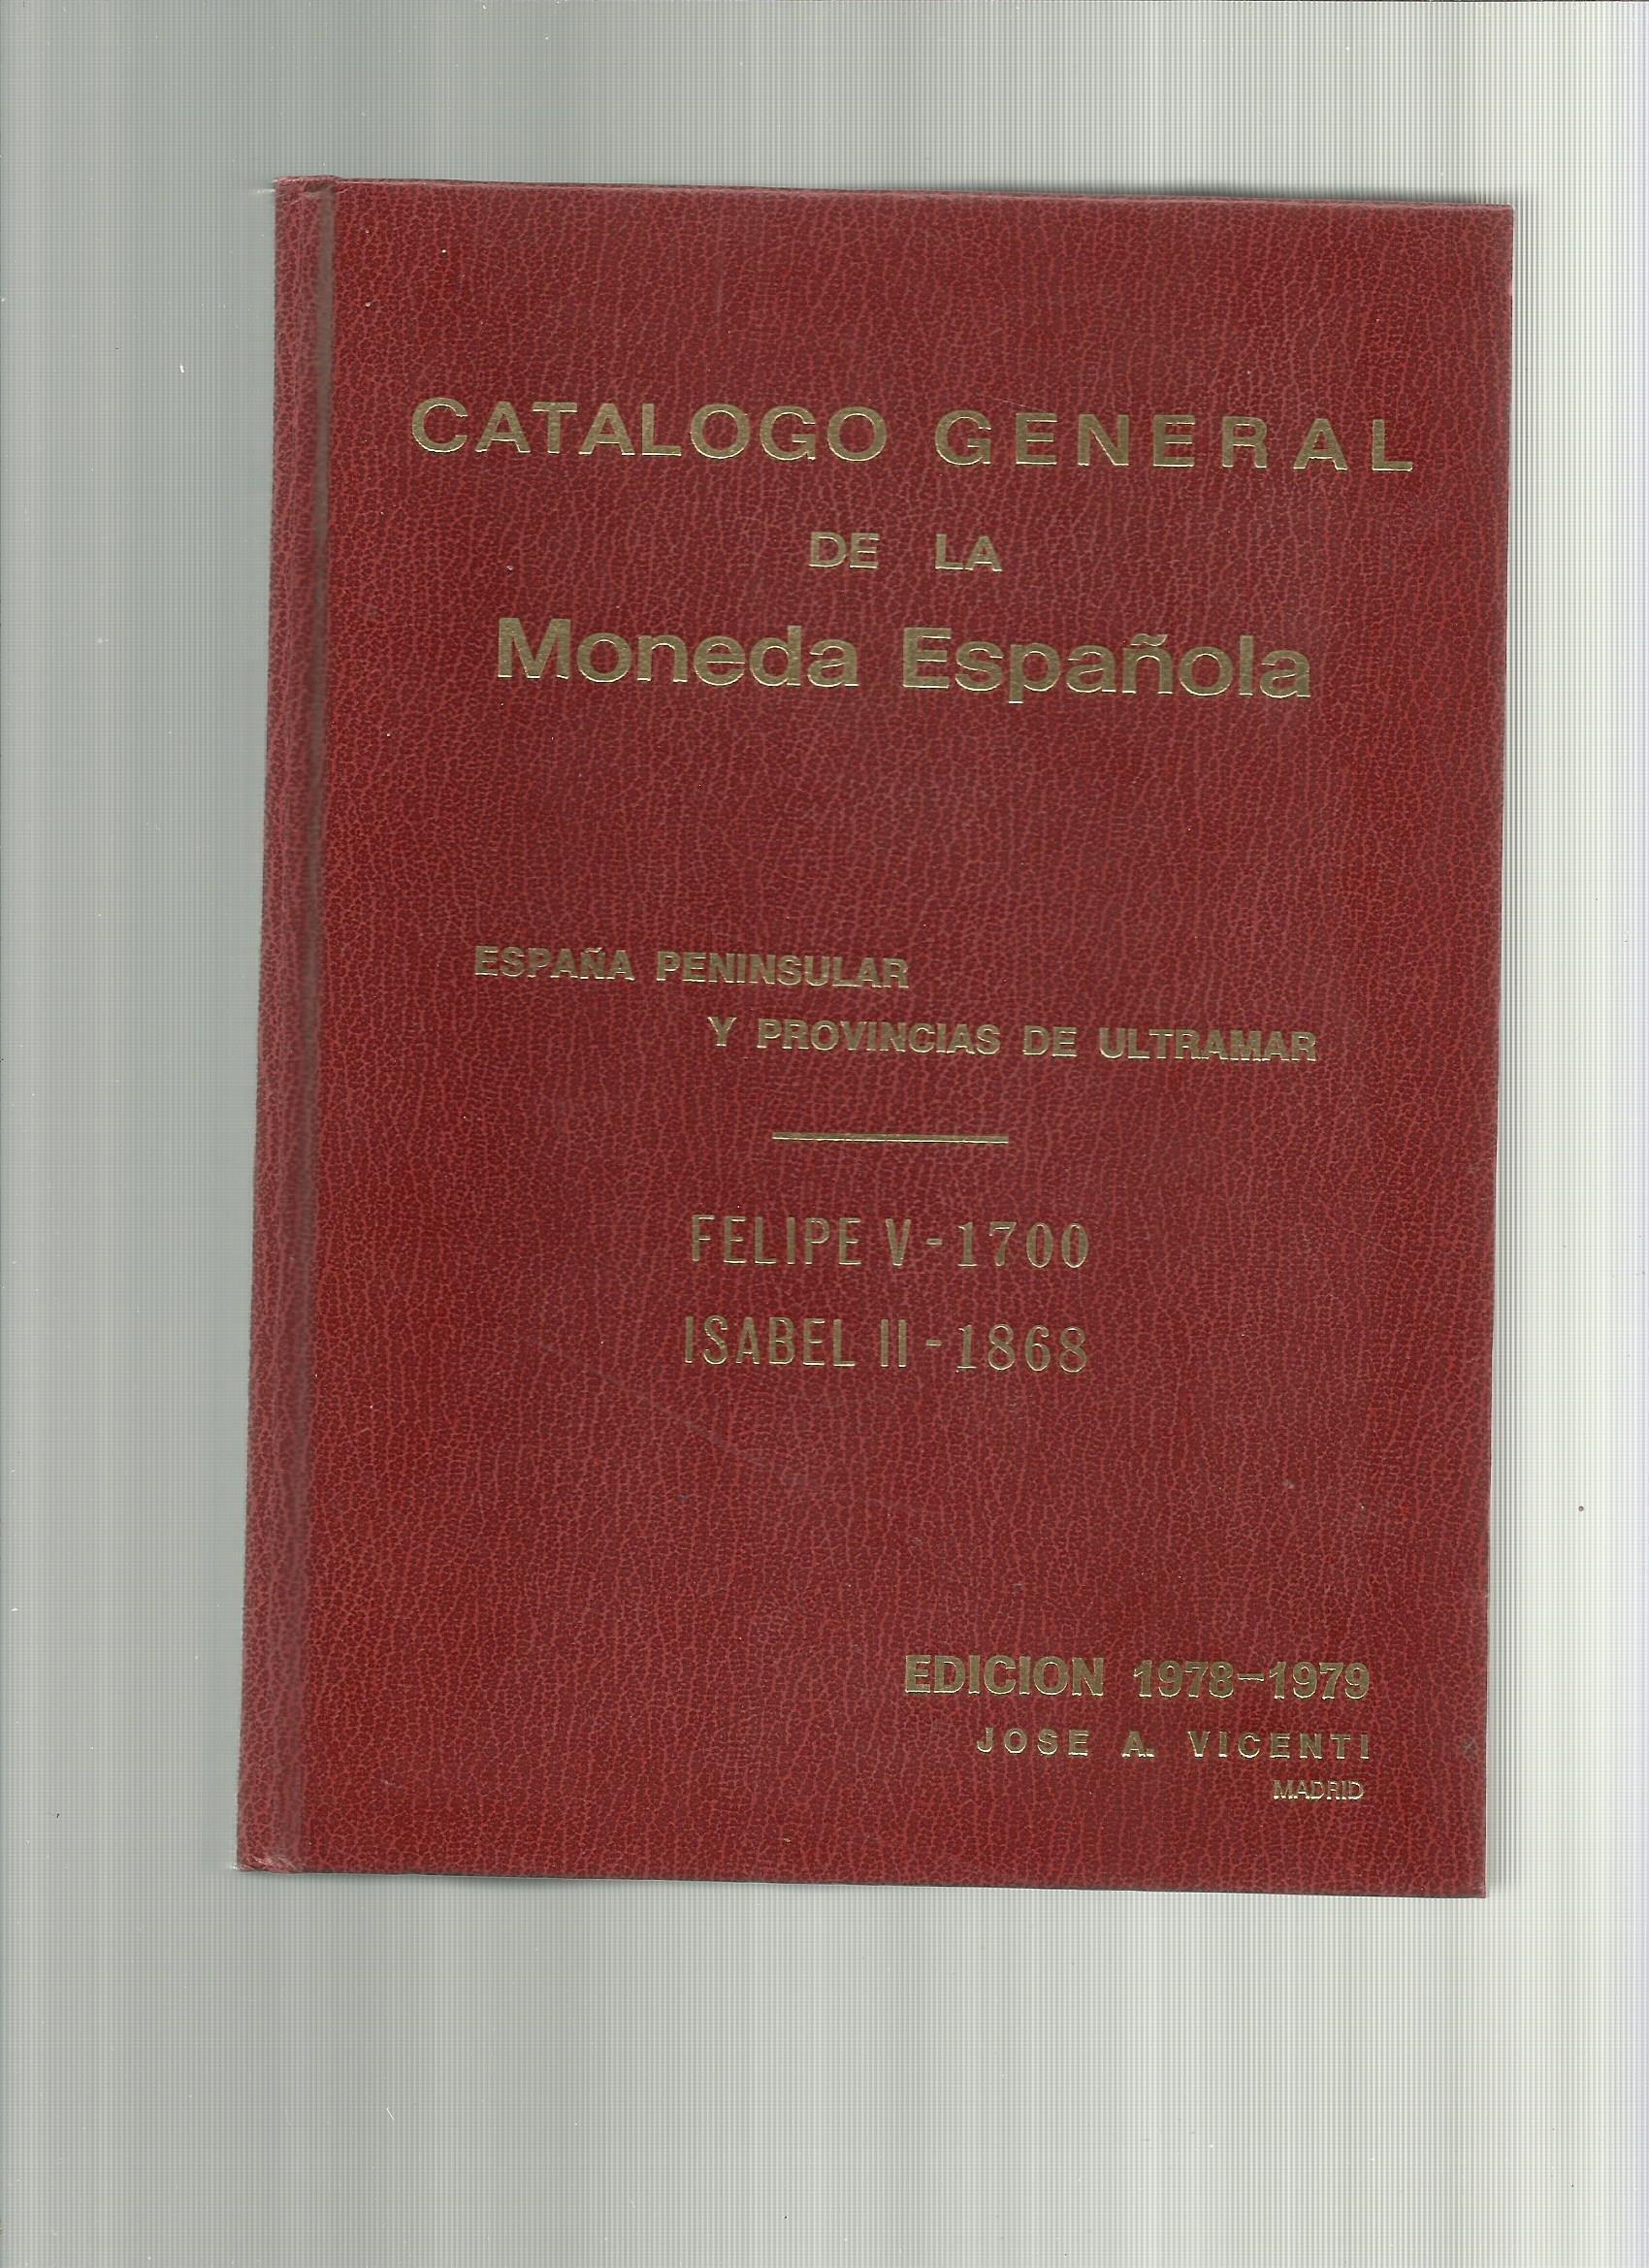 Catalogo General De La Moneda Espanola. Espana Peninsular Y Provincias De Ultramar. Felipe V - 1700.: Amazon.es: jose a vicenti: Libros